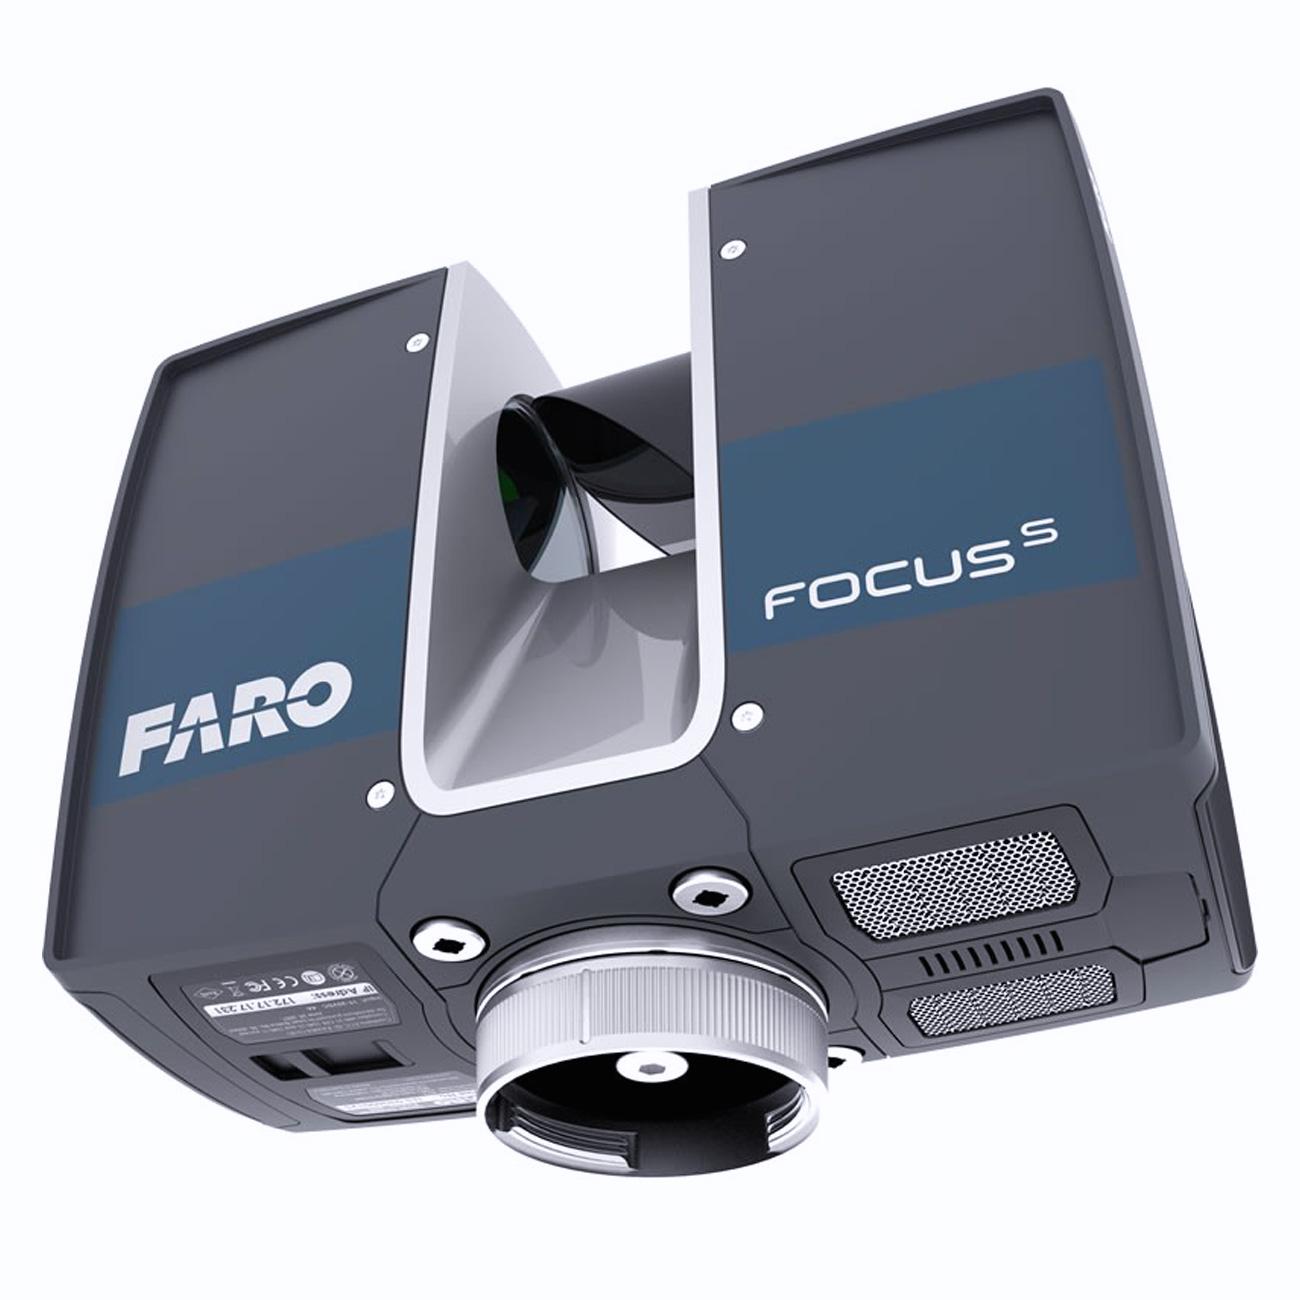 Faro-Focus-S150.jpg